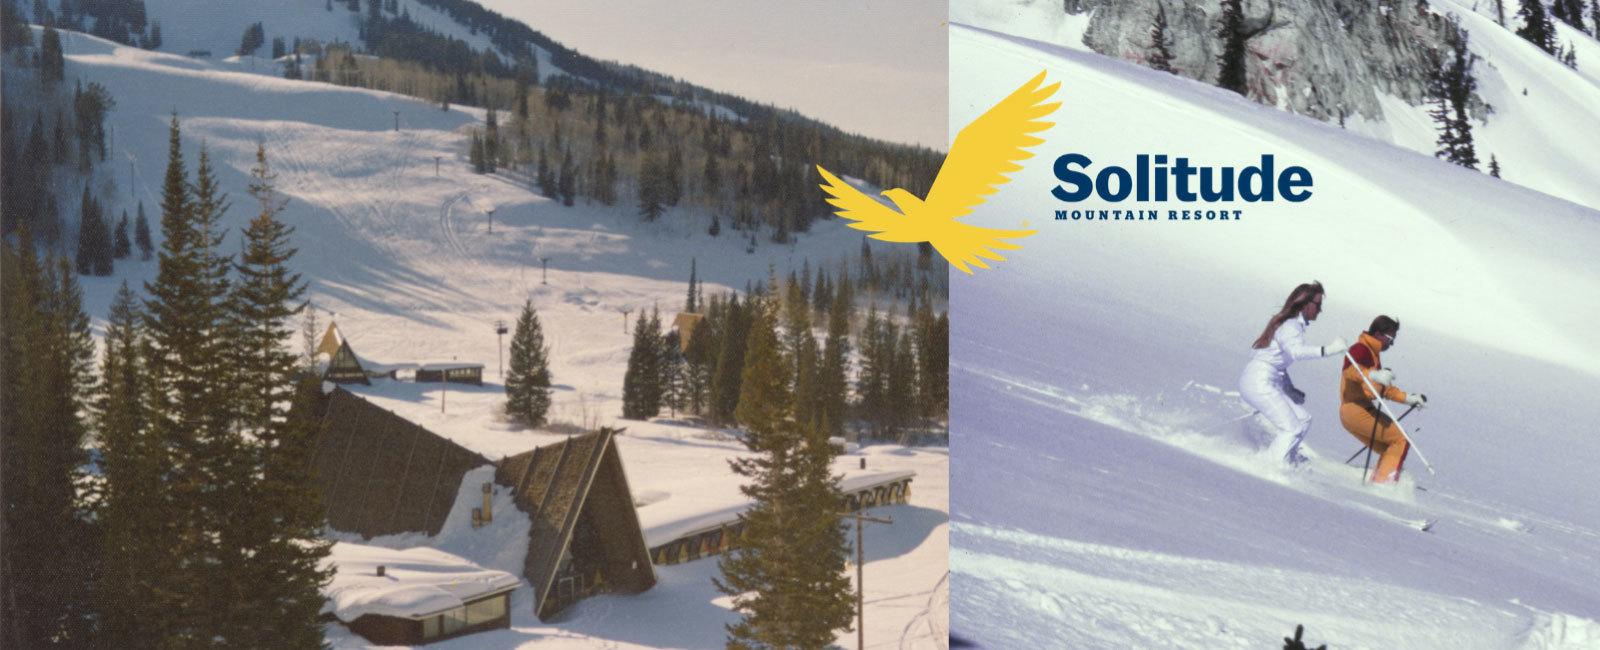 Ski Utah Resort Histories | Solitude Mountain Resort